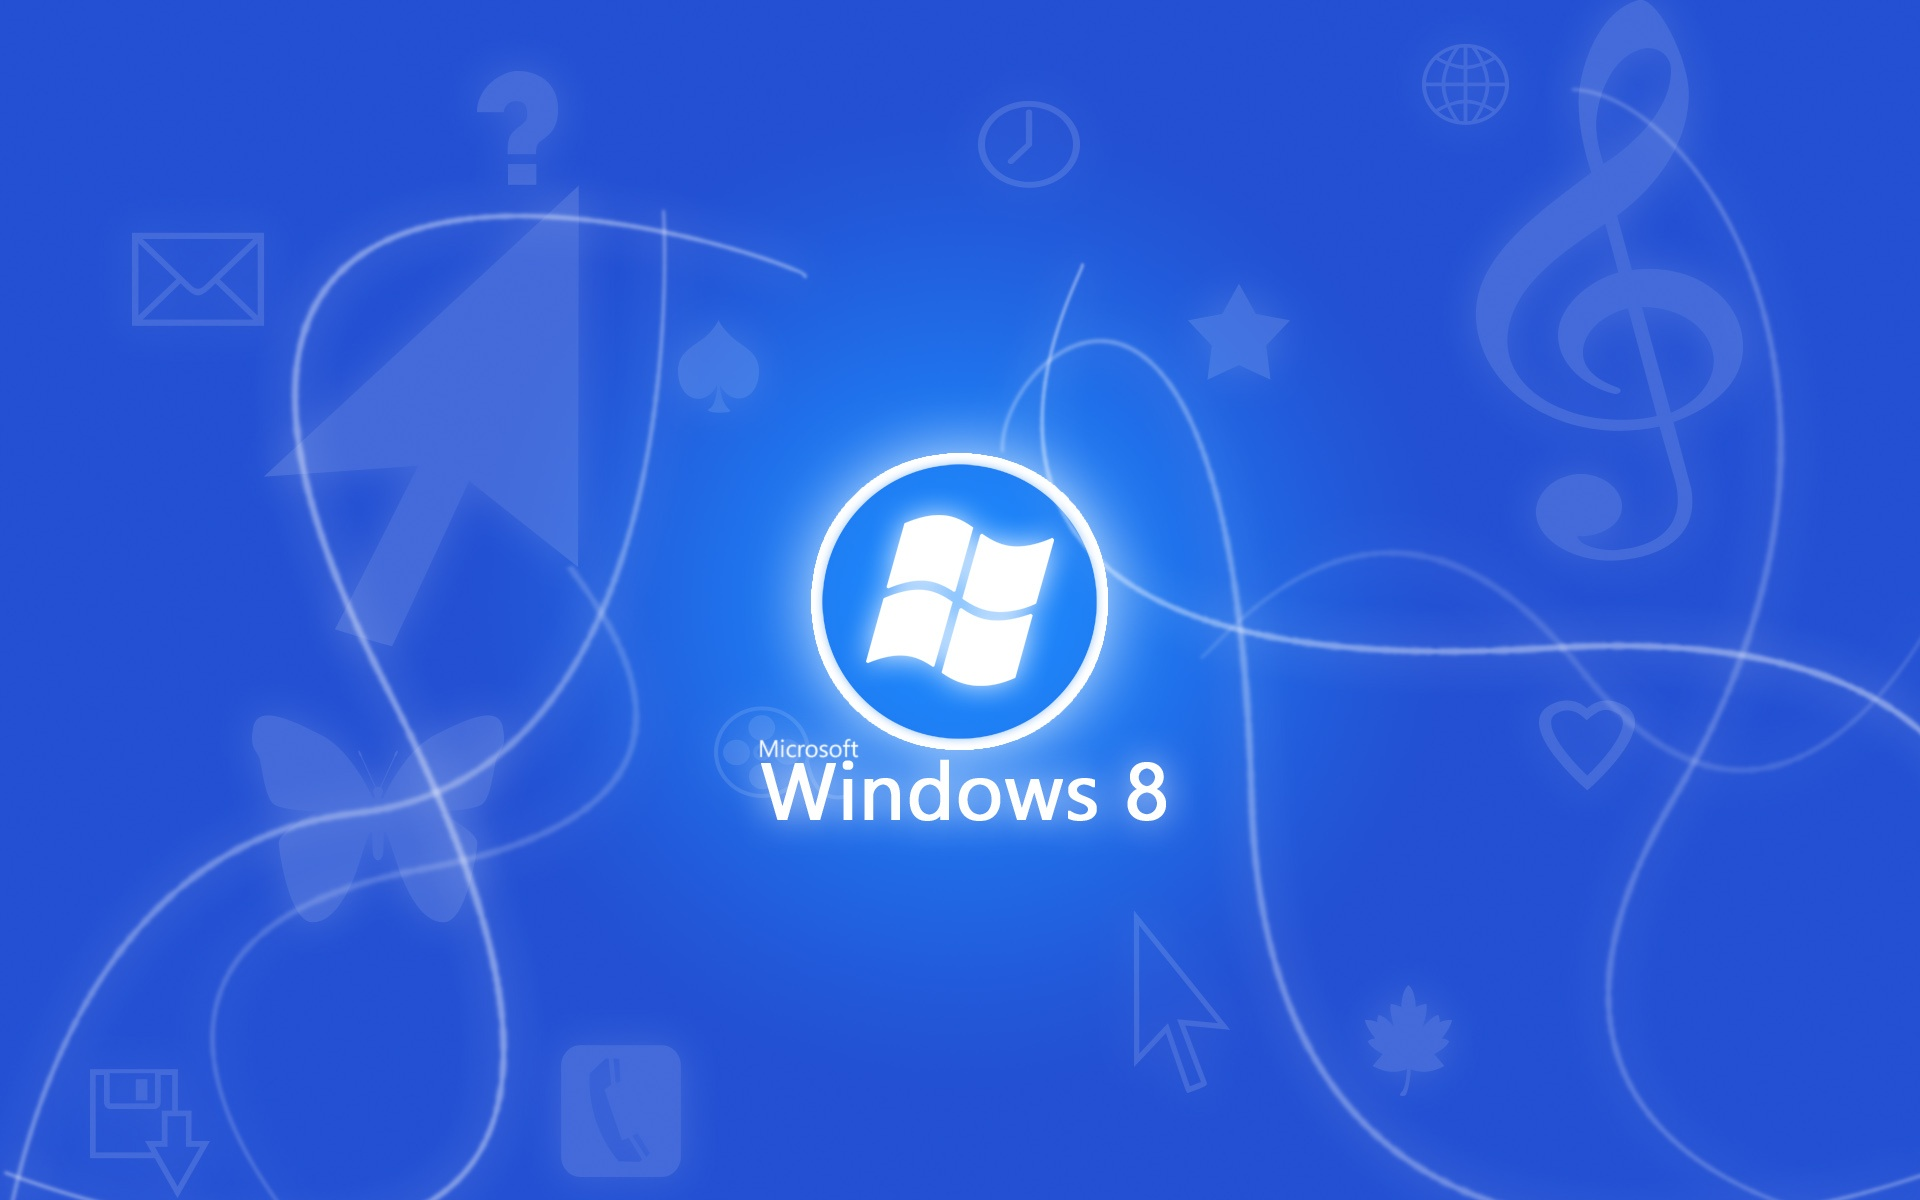 壁紙 Windowsの8青色の背景 1920x1200 Hd 無料のデスクトップの背景 画像